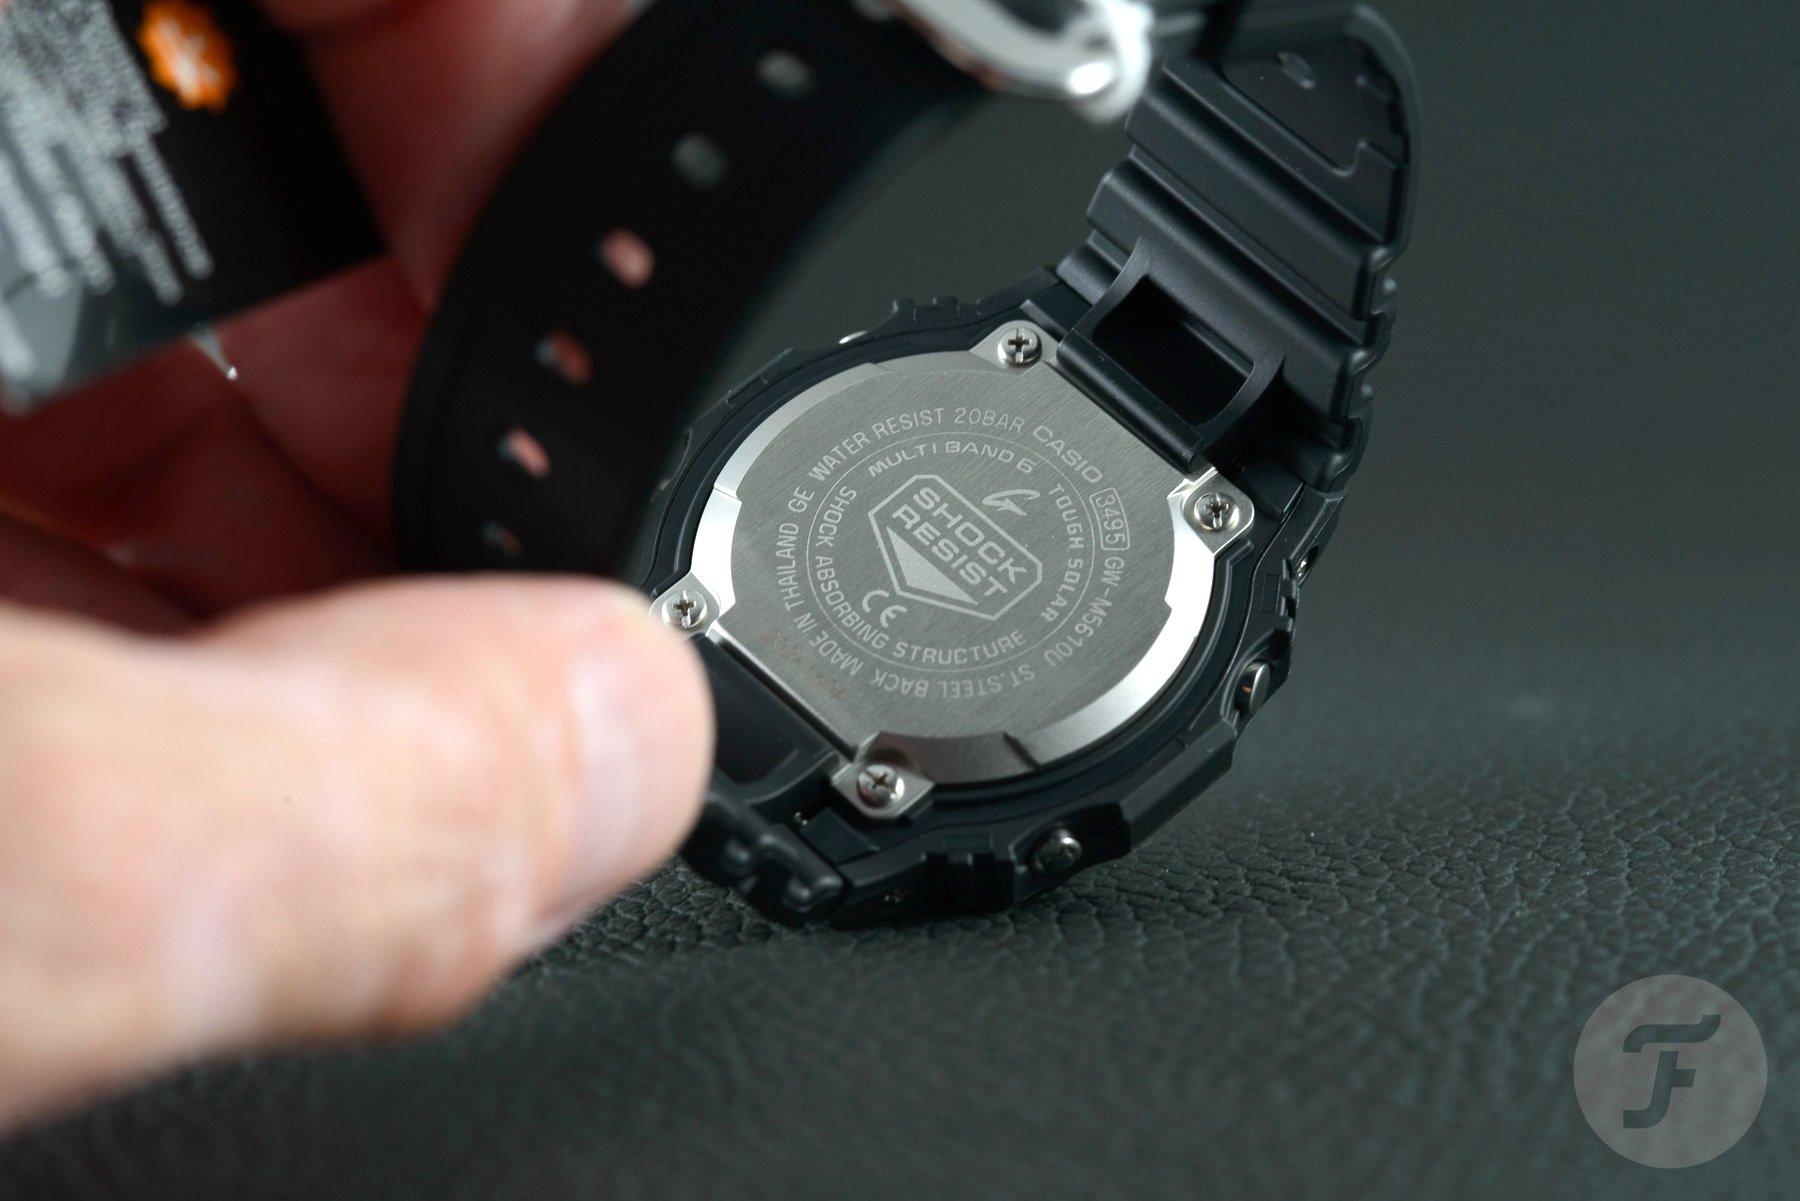 gshock gwm5610u 7000 - Đánh giá đồng hồ G-Shock Square GW-M5610U